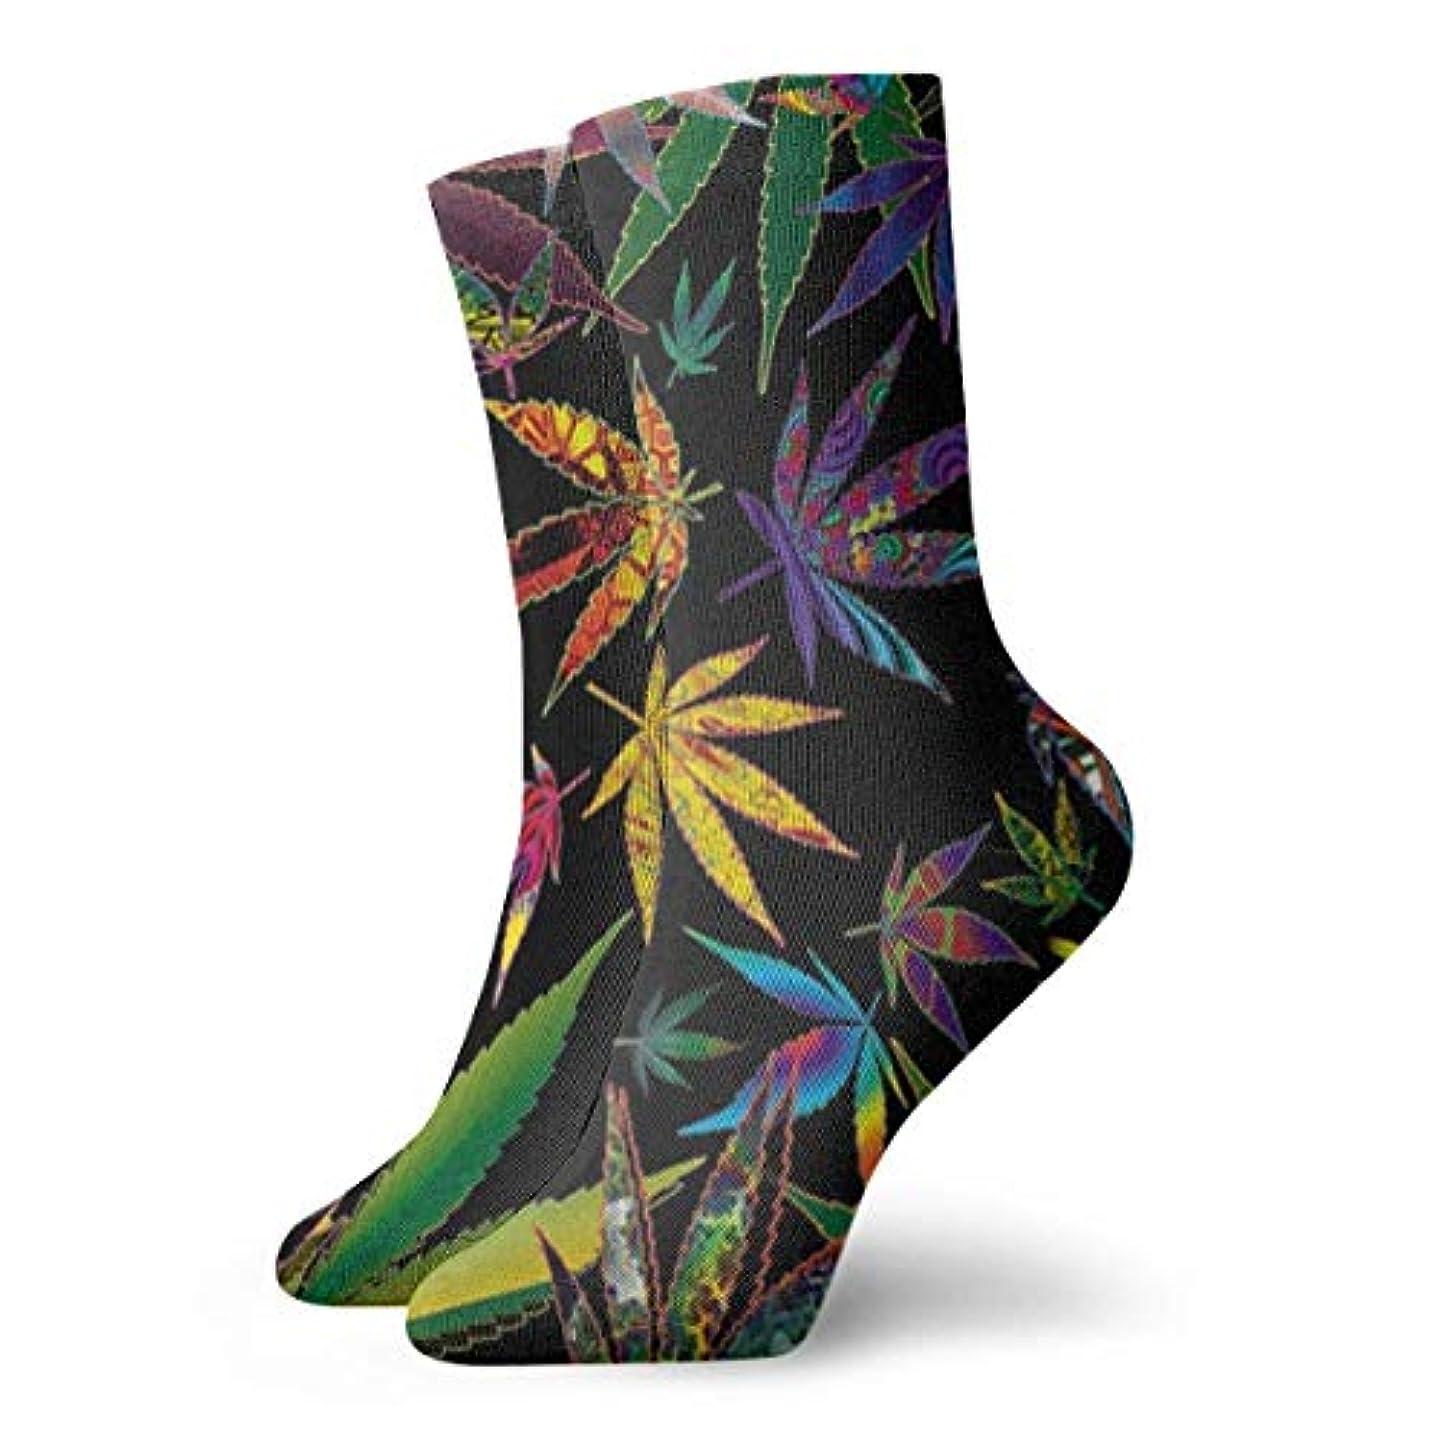 リーフレット堀頭かわいいかわいい靴下ソックスクリスマス休暇靴下柄柄柄